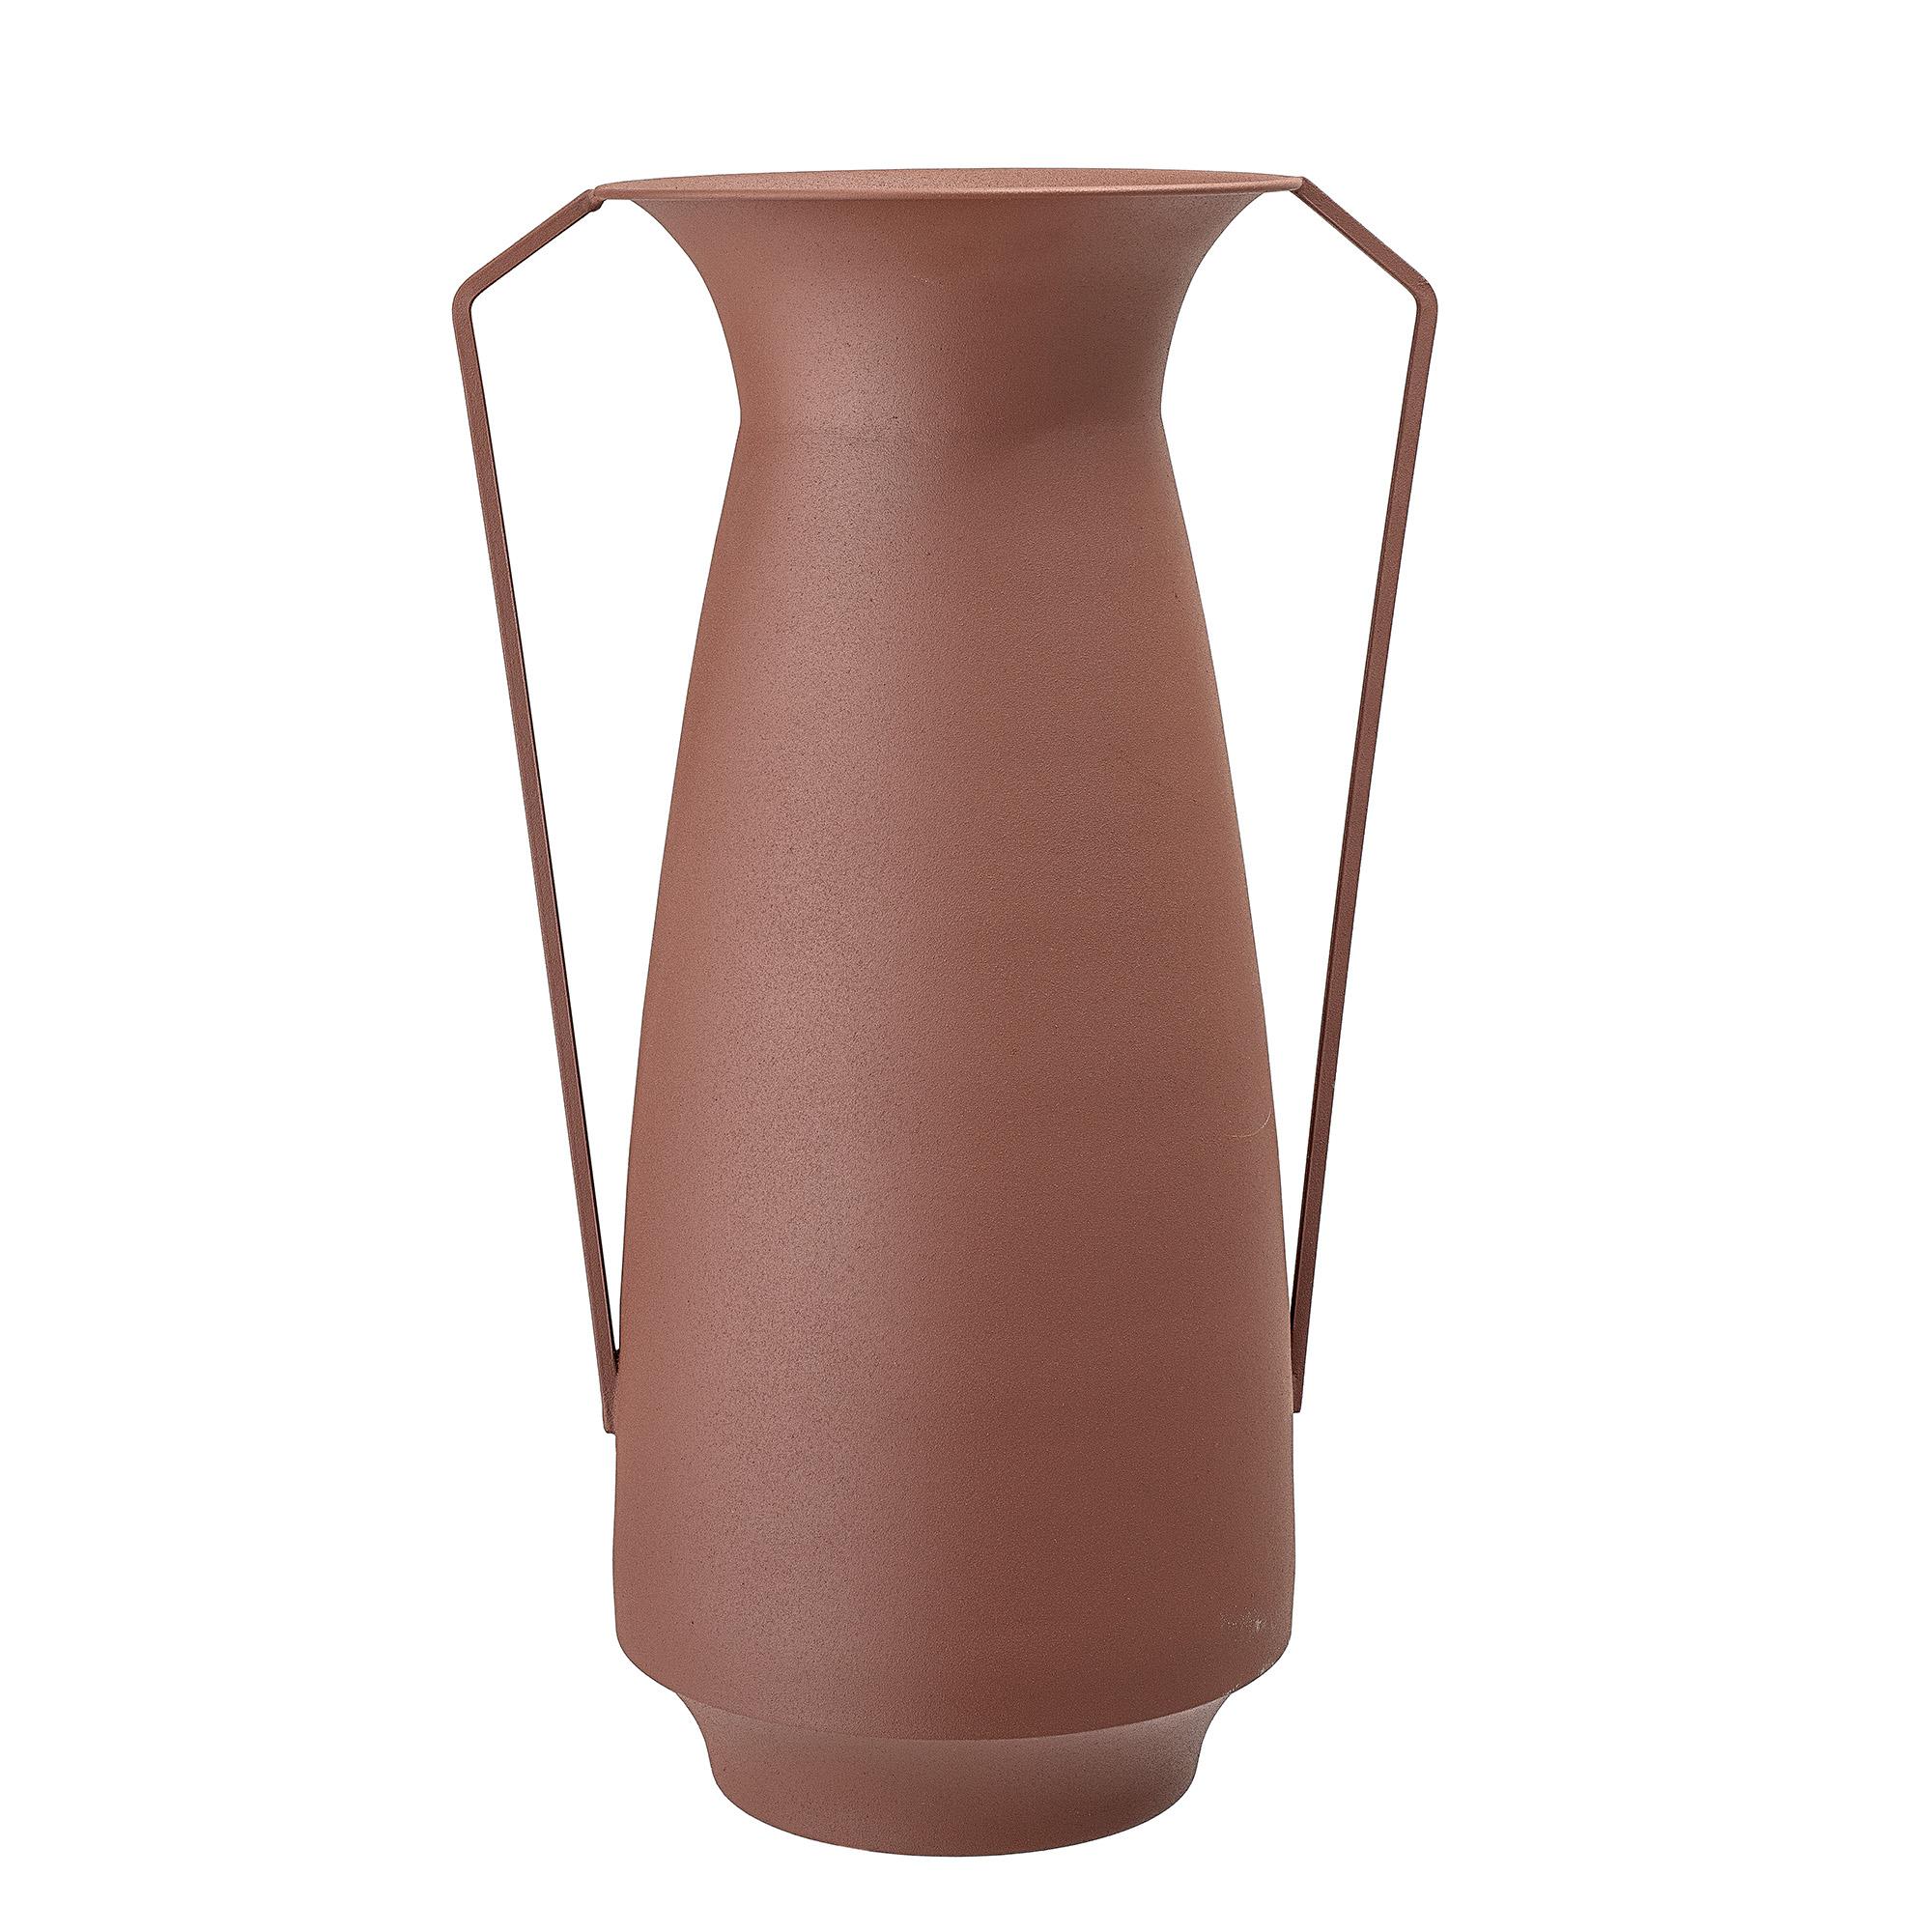 Bloomingville metal vase, brun